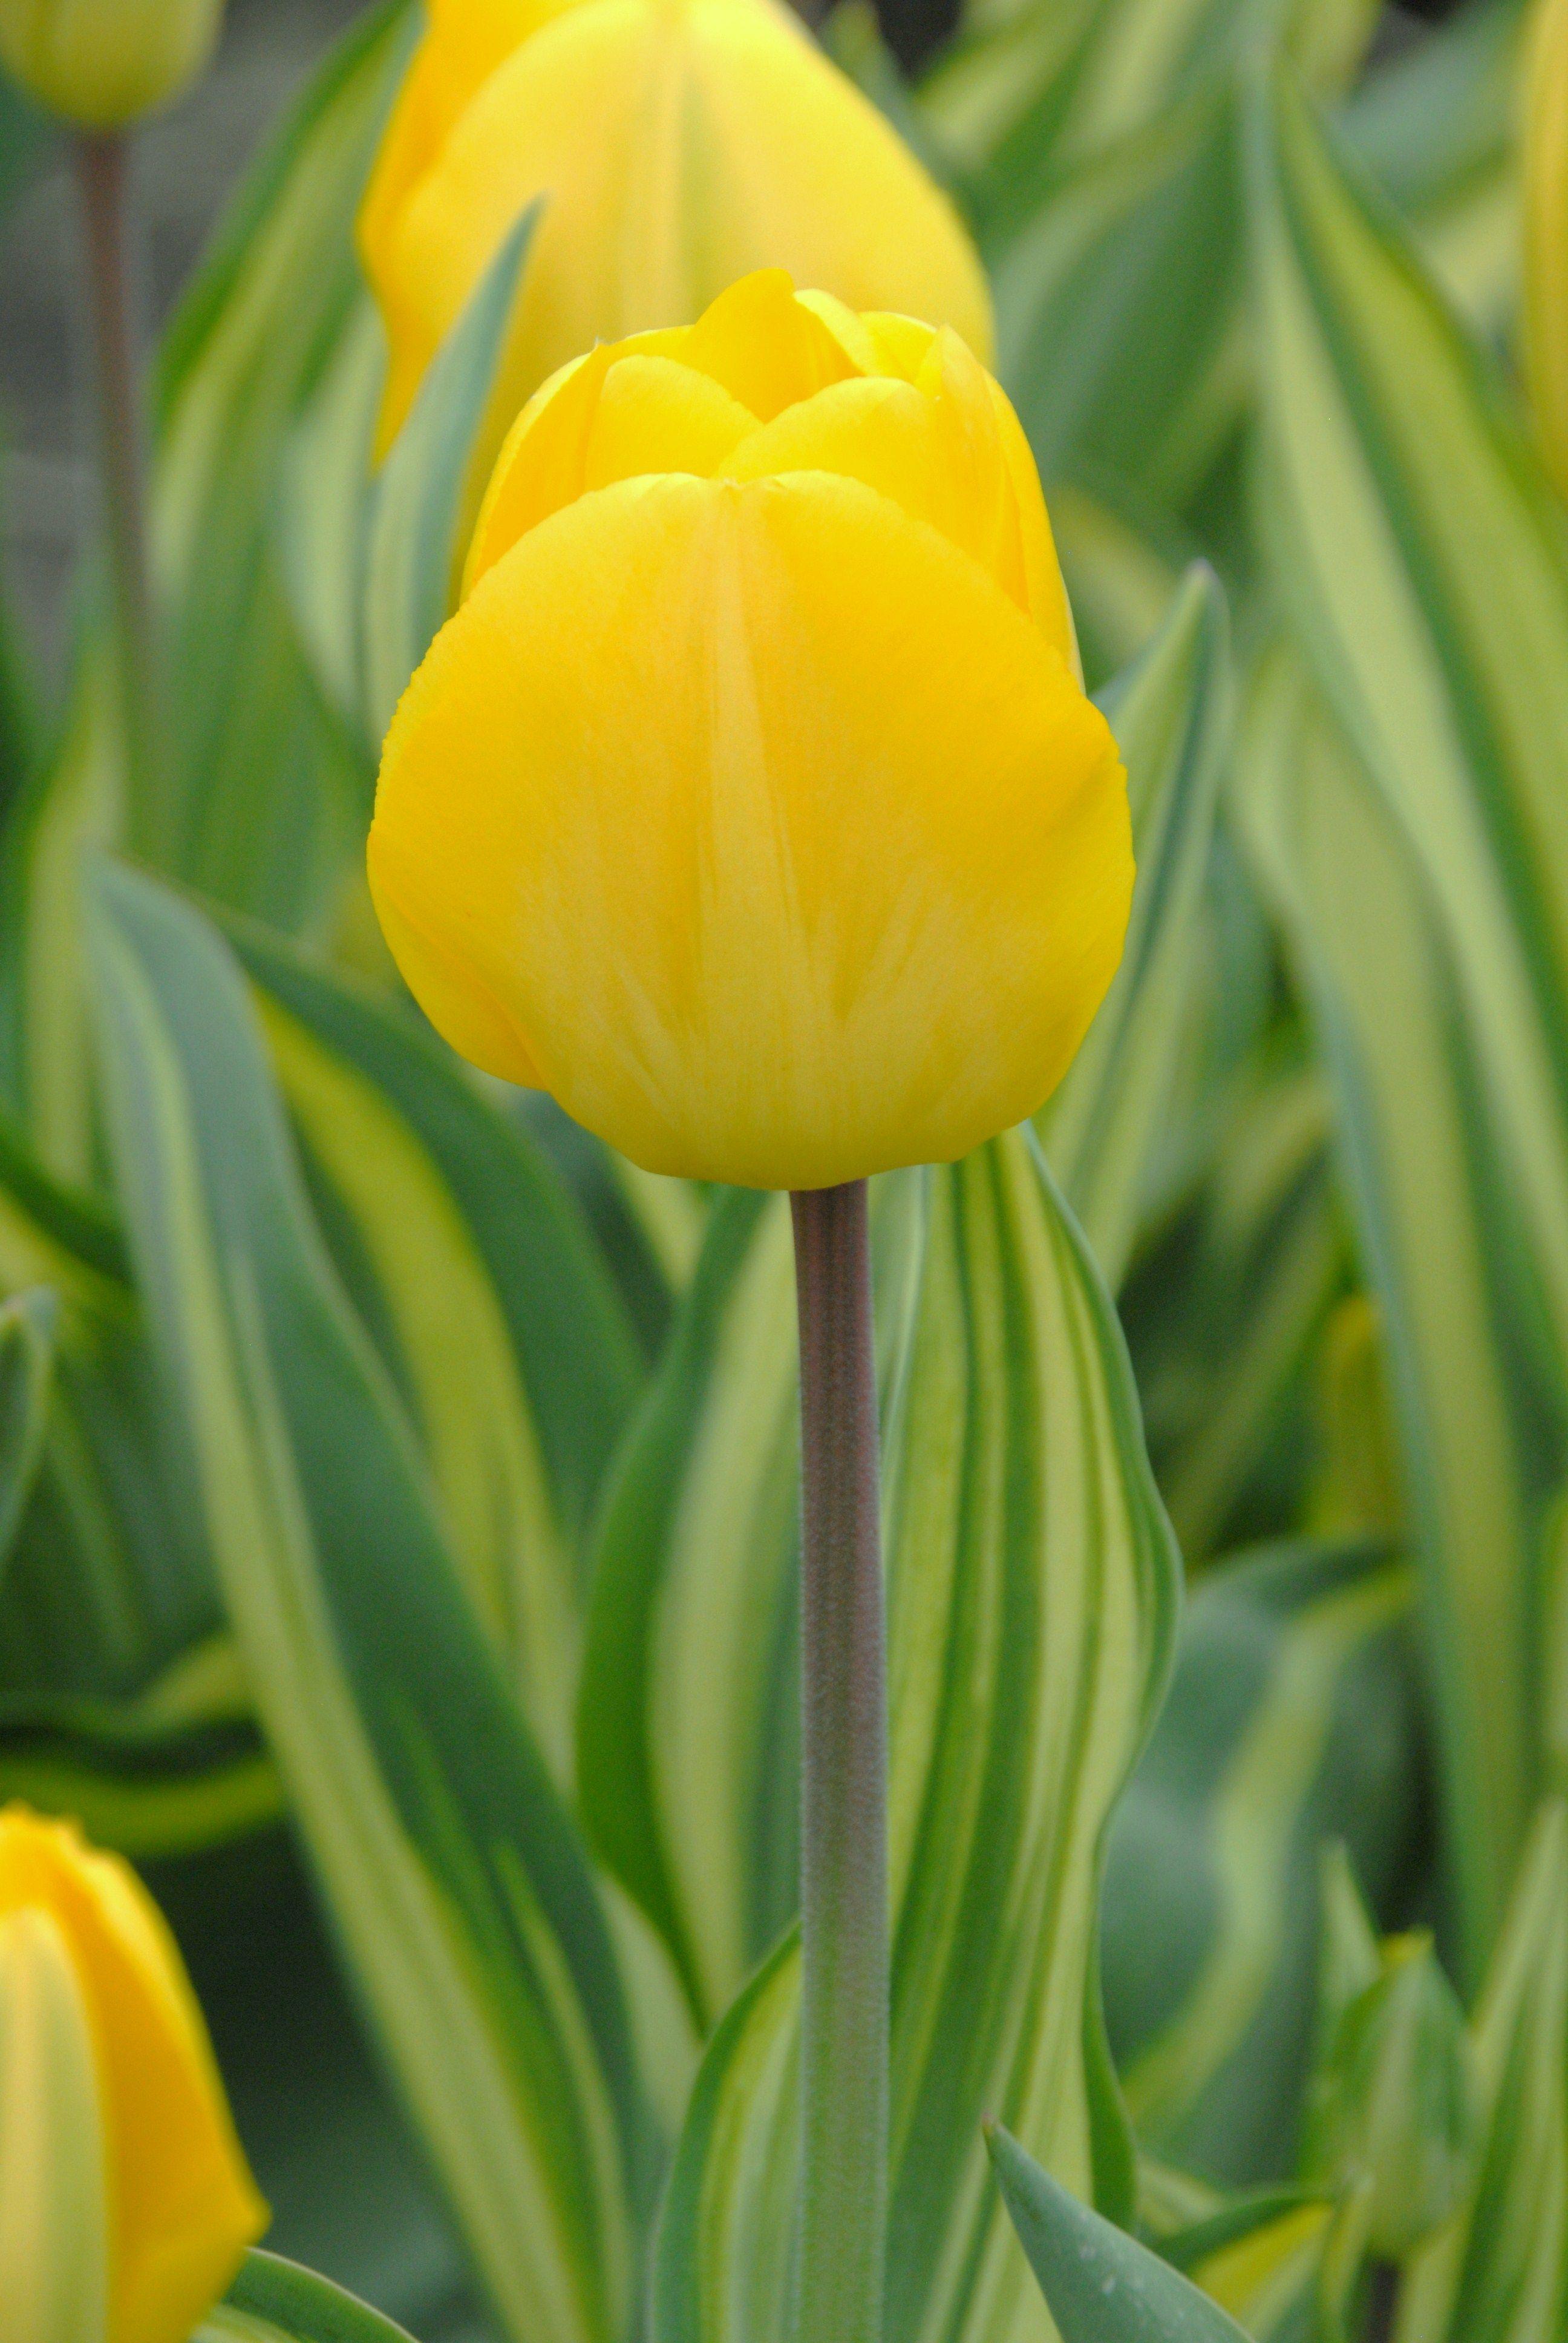 Tulp Yellow Wave, sterke gele tulp met mooi bont blad. Exclusief bij P. Pennings